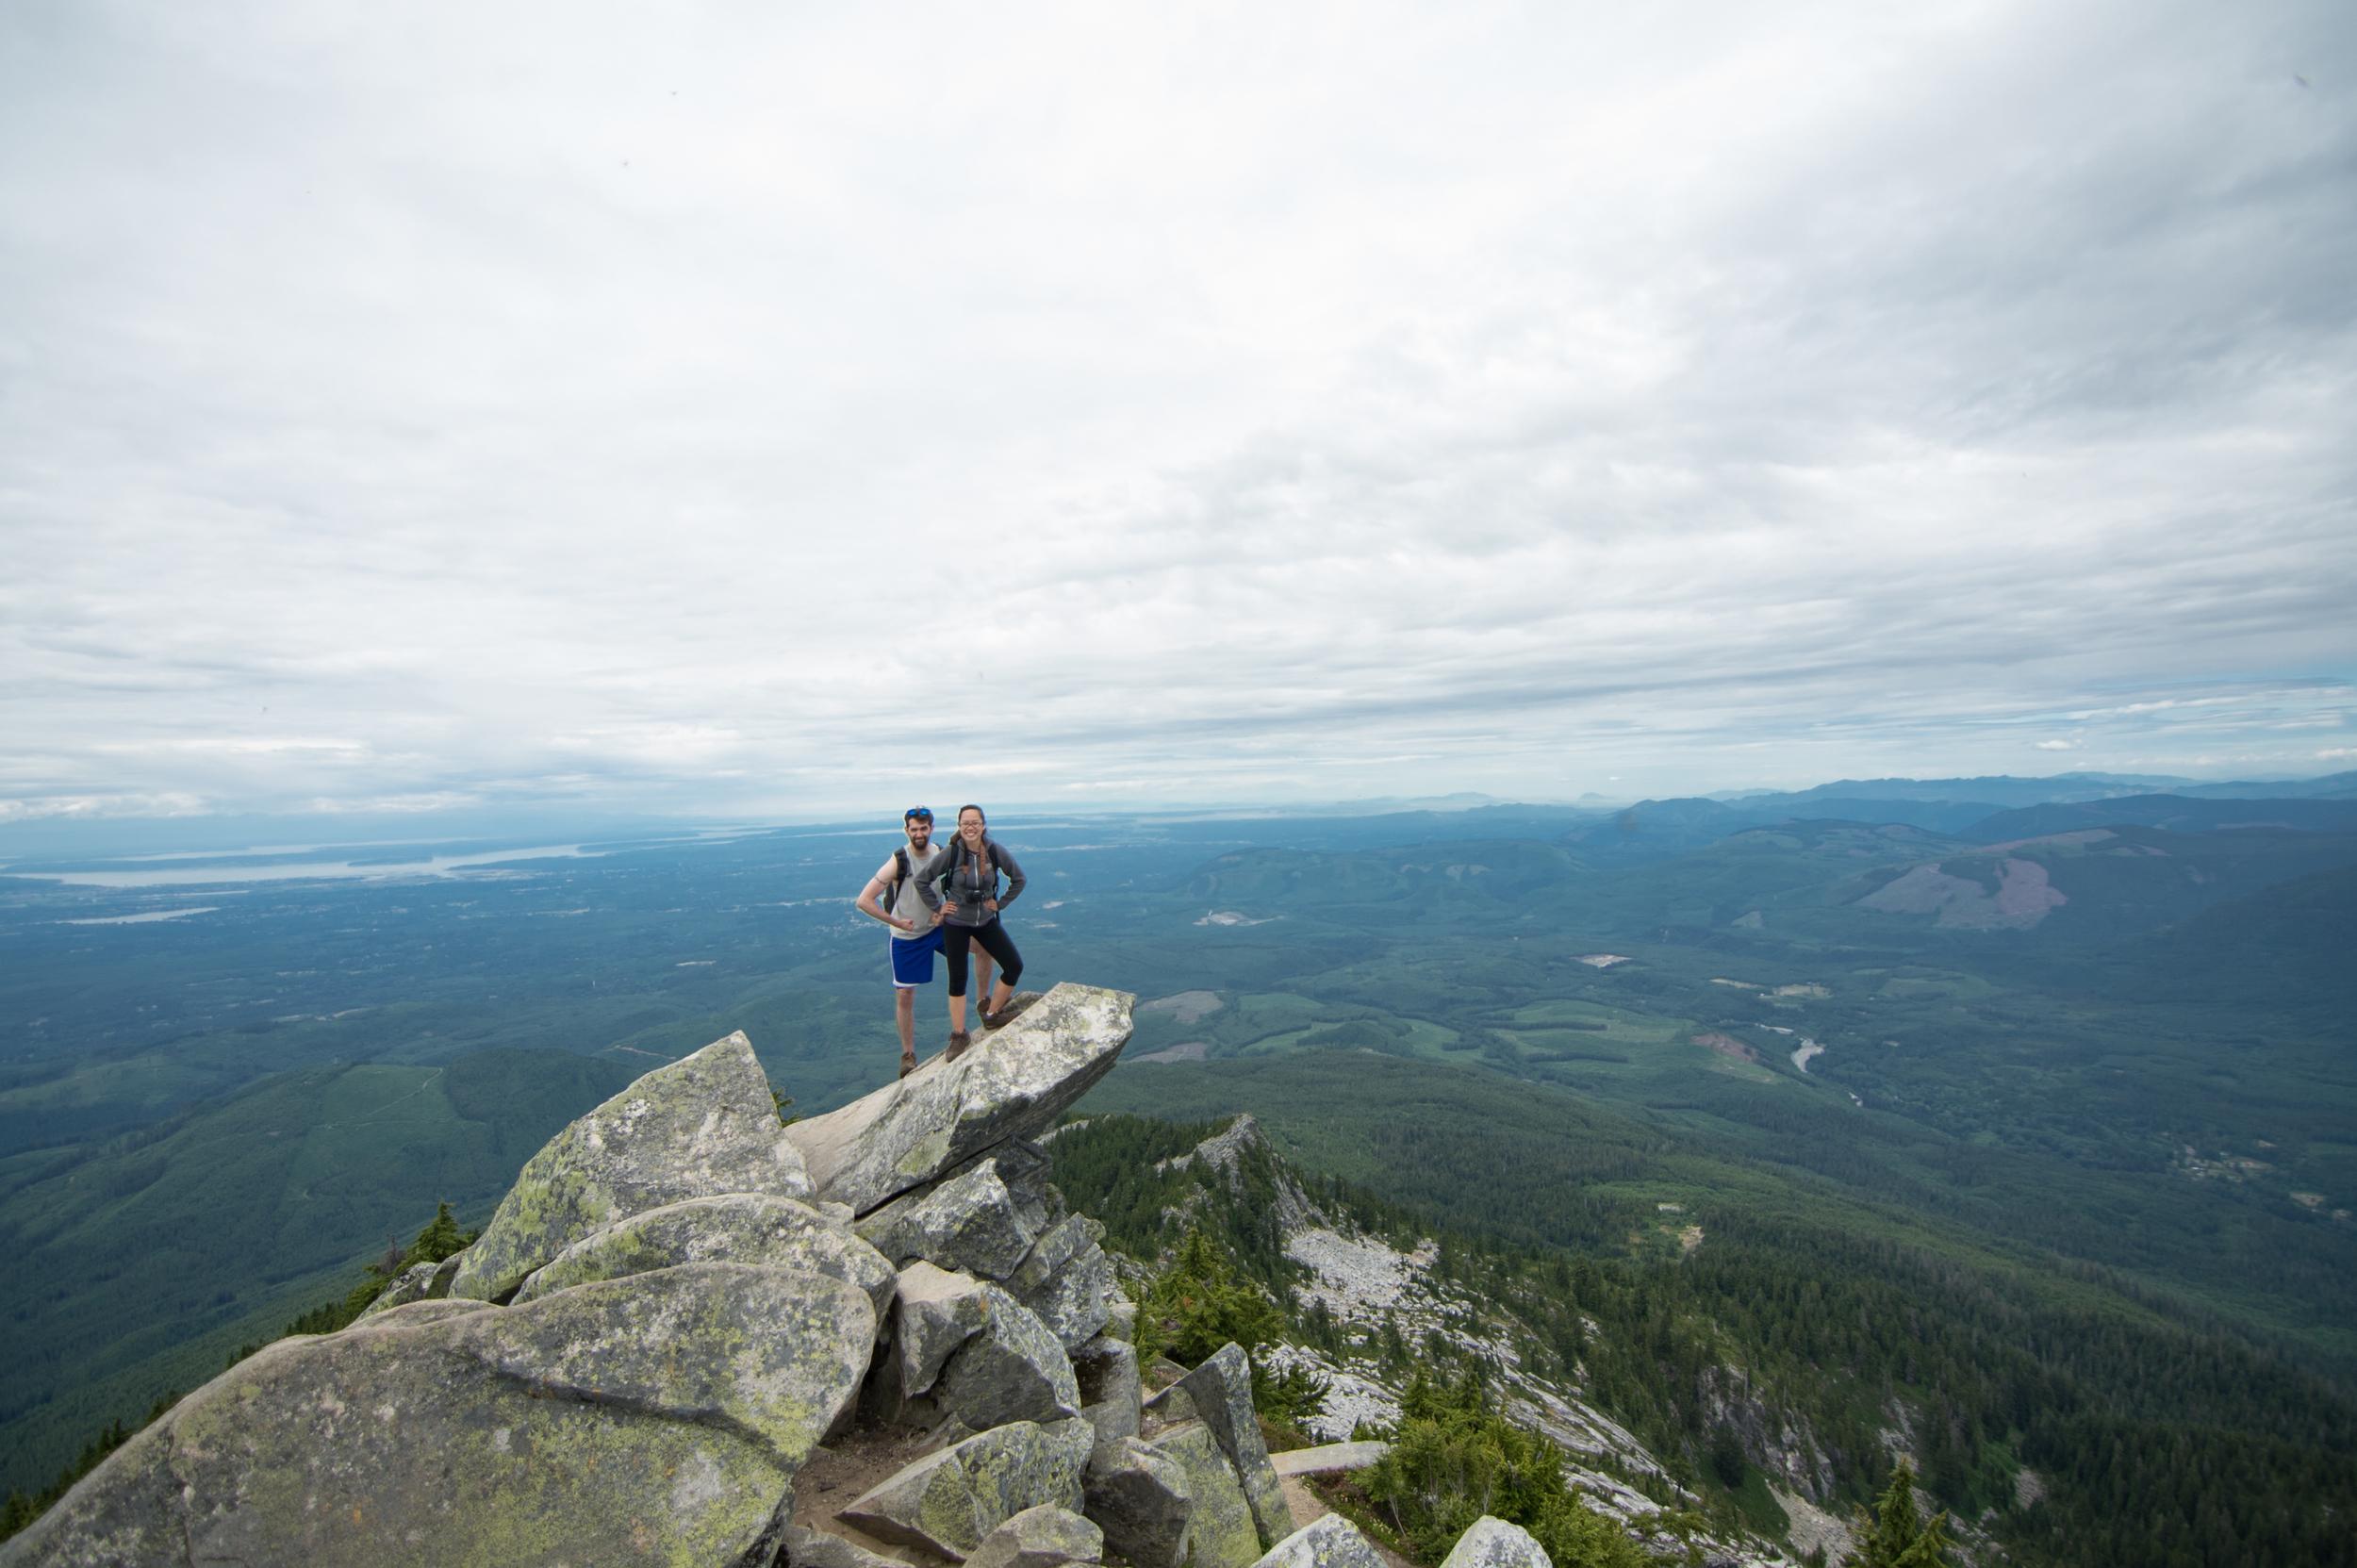 Mount_Pilchuck-44.jpg